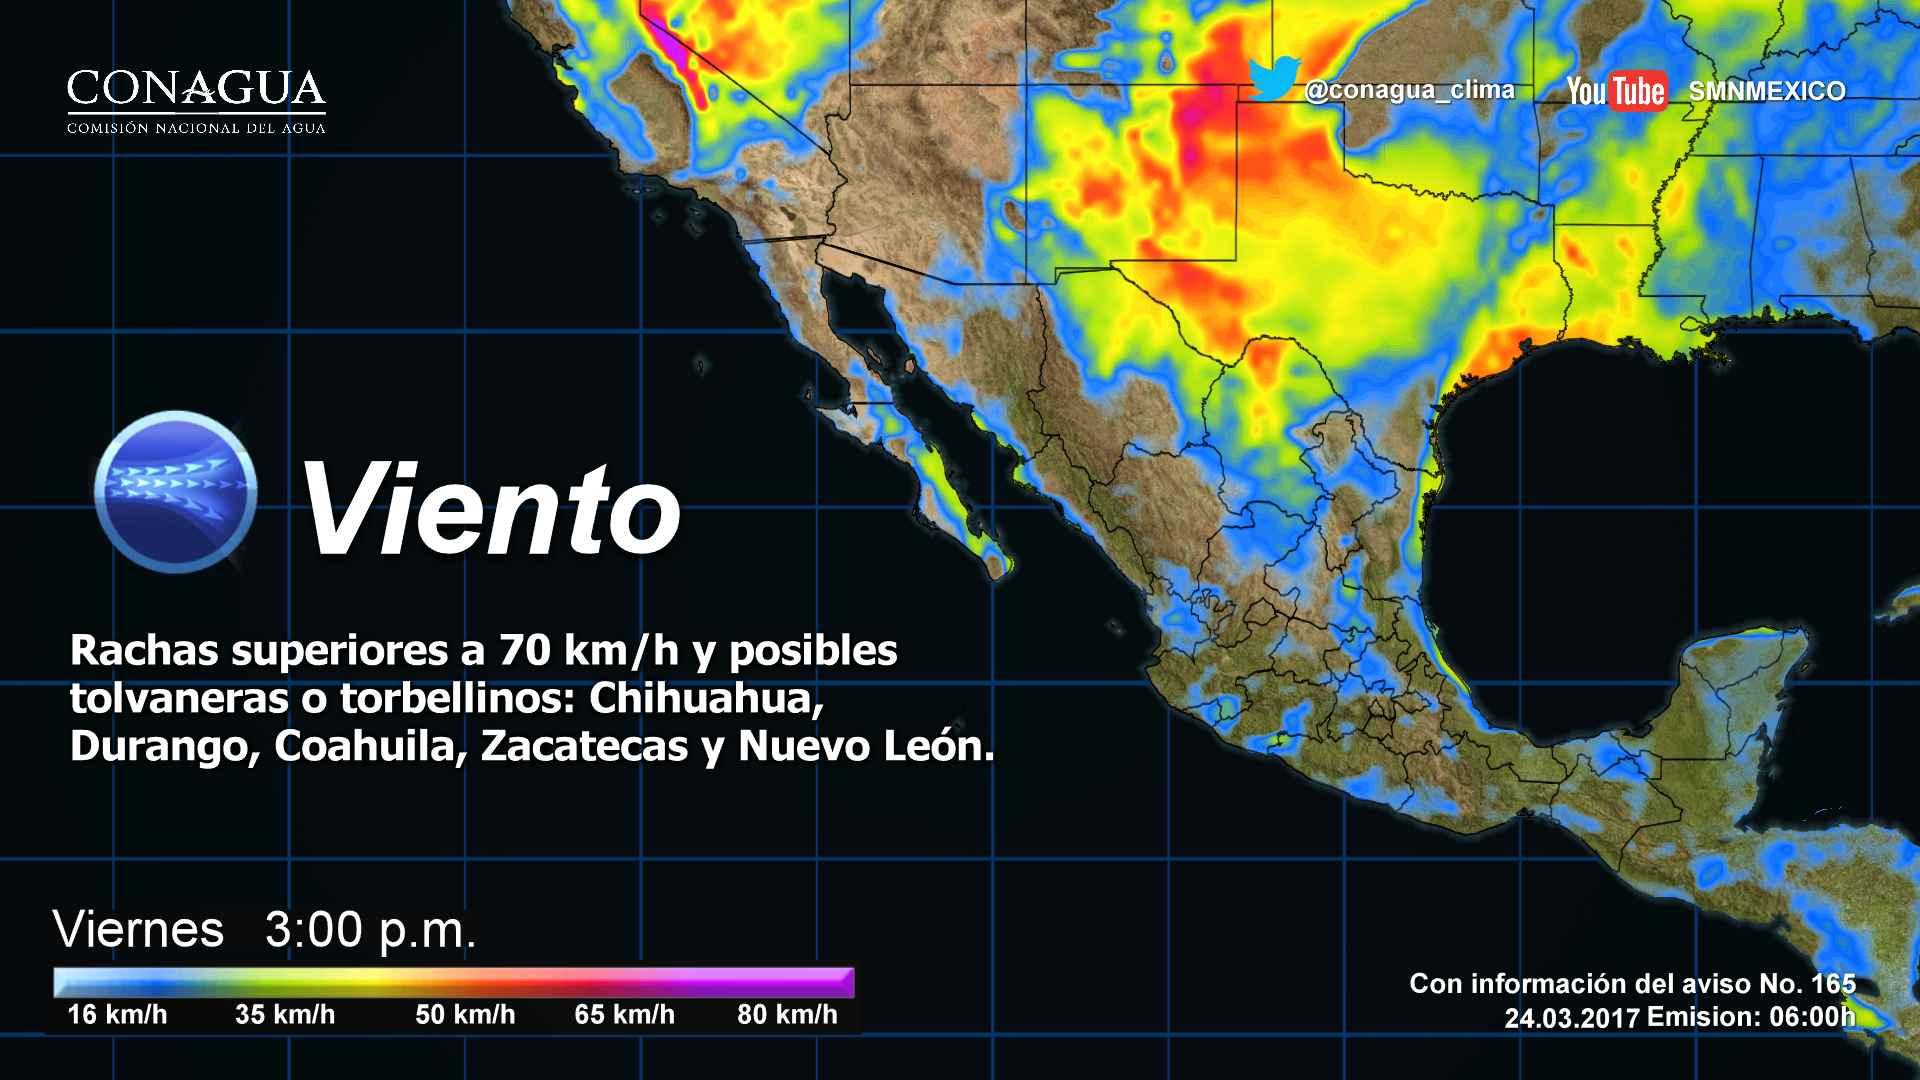 Ambiente caluroso y bajo potencial de lluvia dominará en el Estado de Michoacán y en el resto del país